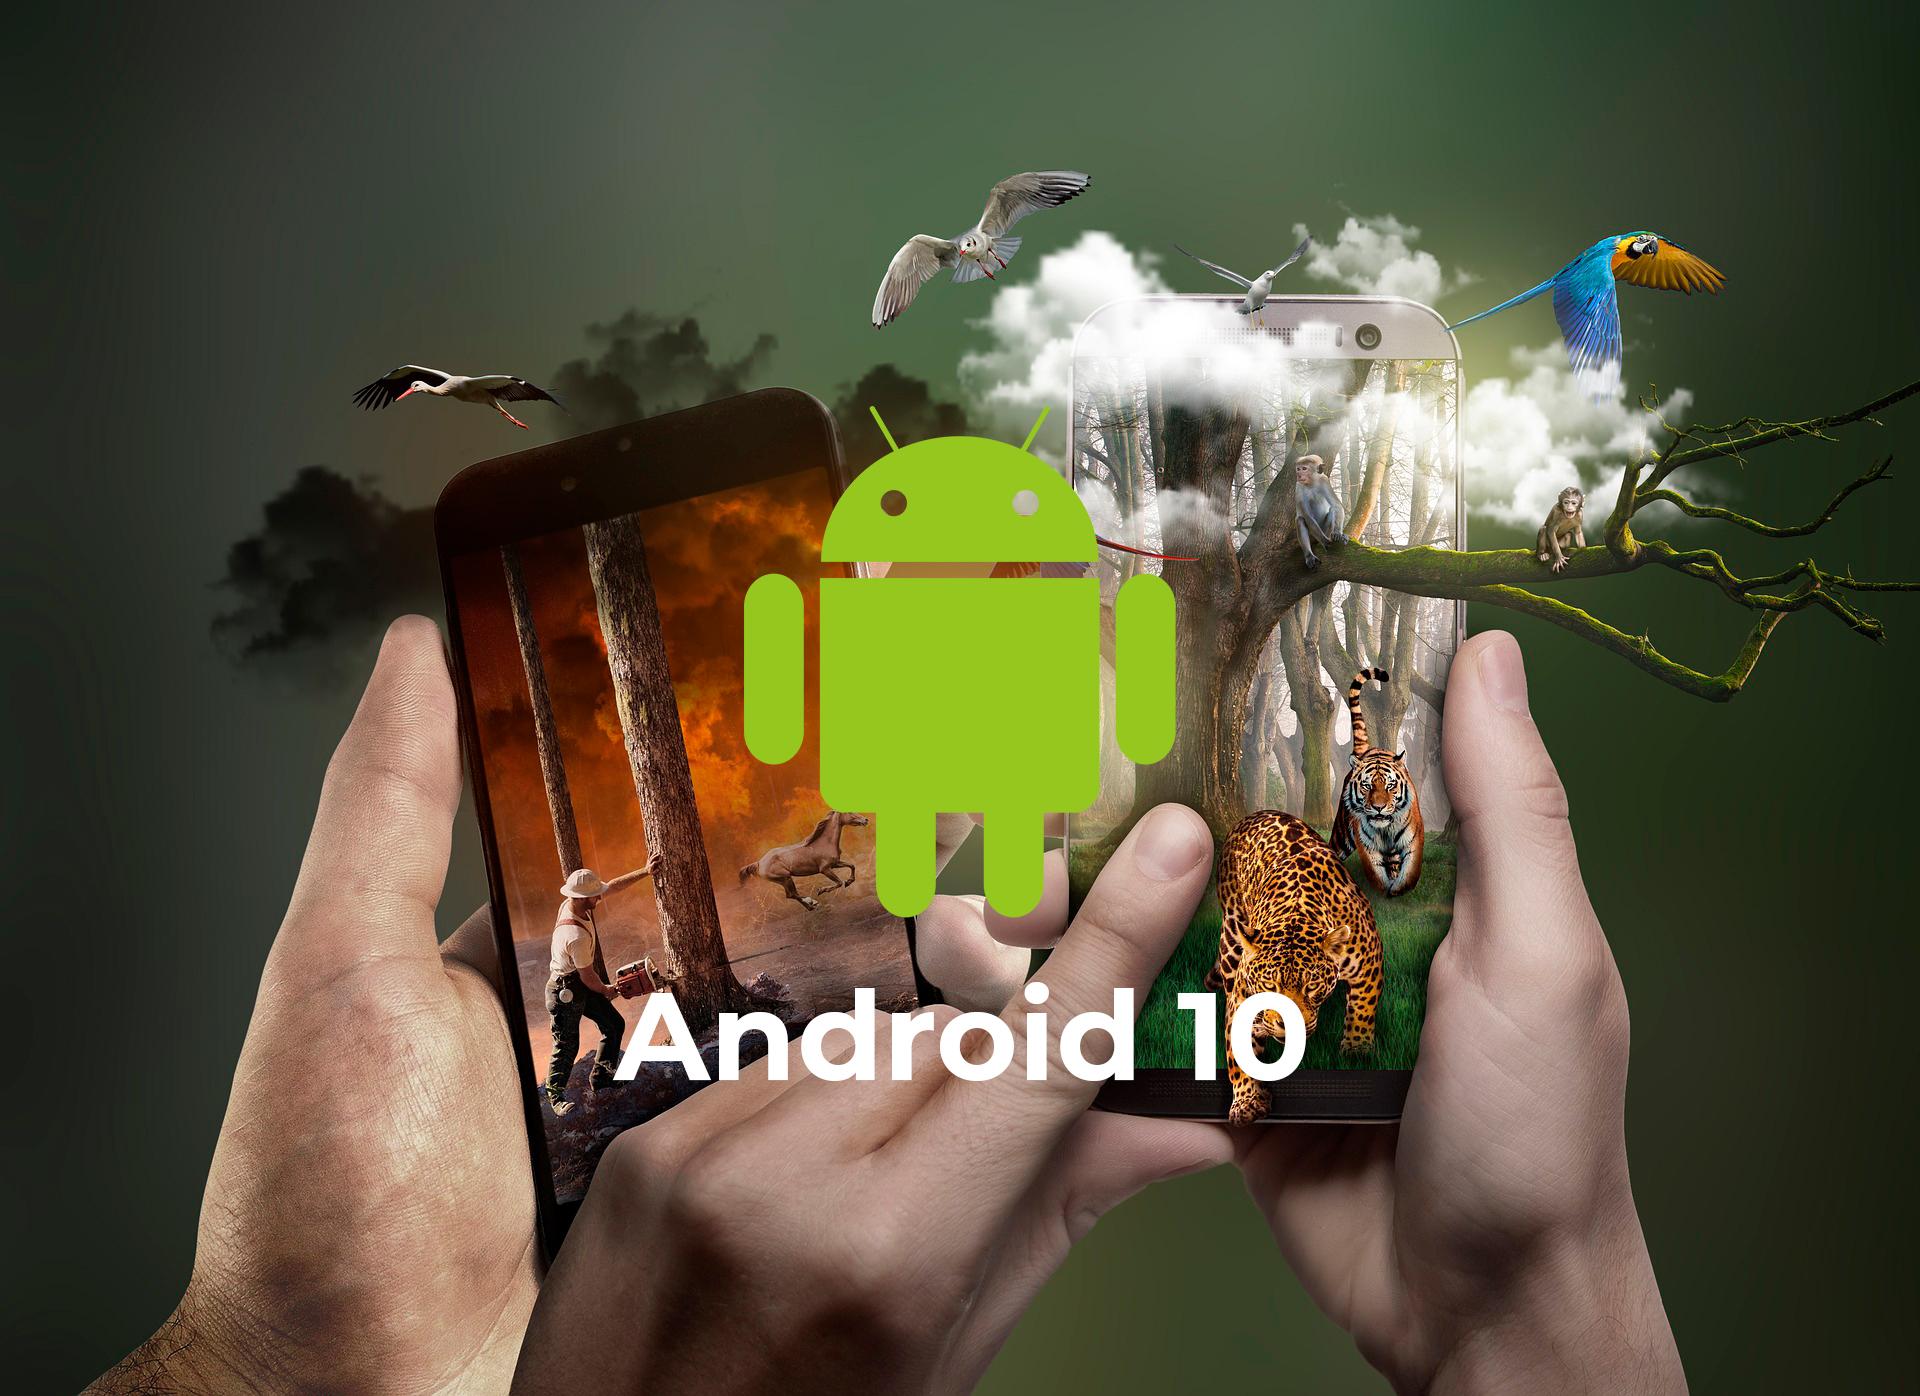 Los móviles que actualizarán a Android 10